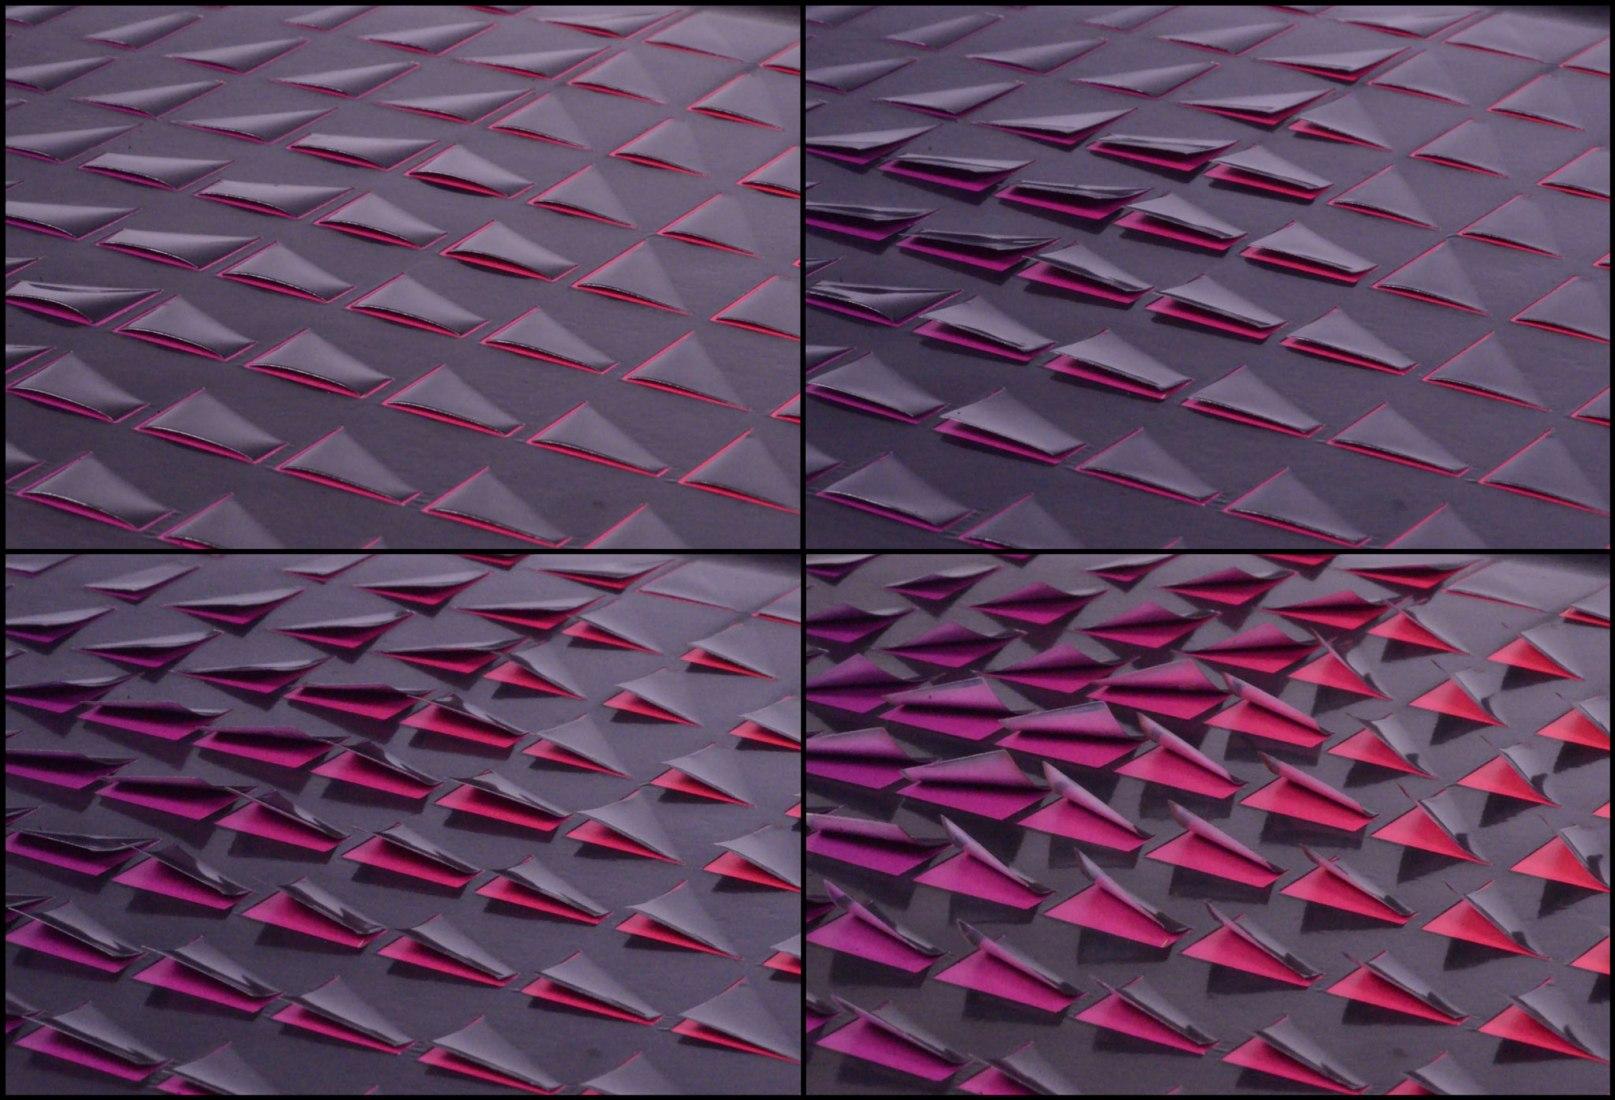 Textil activo. 'Los sentidos: Diseño más allá de la Visión' en Cooper Hewitt. Cortesía de Cooper Hewitt